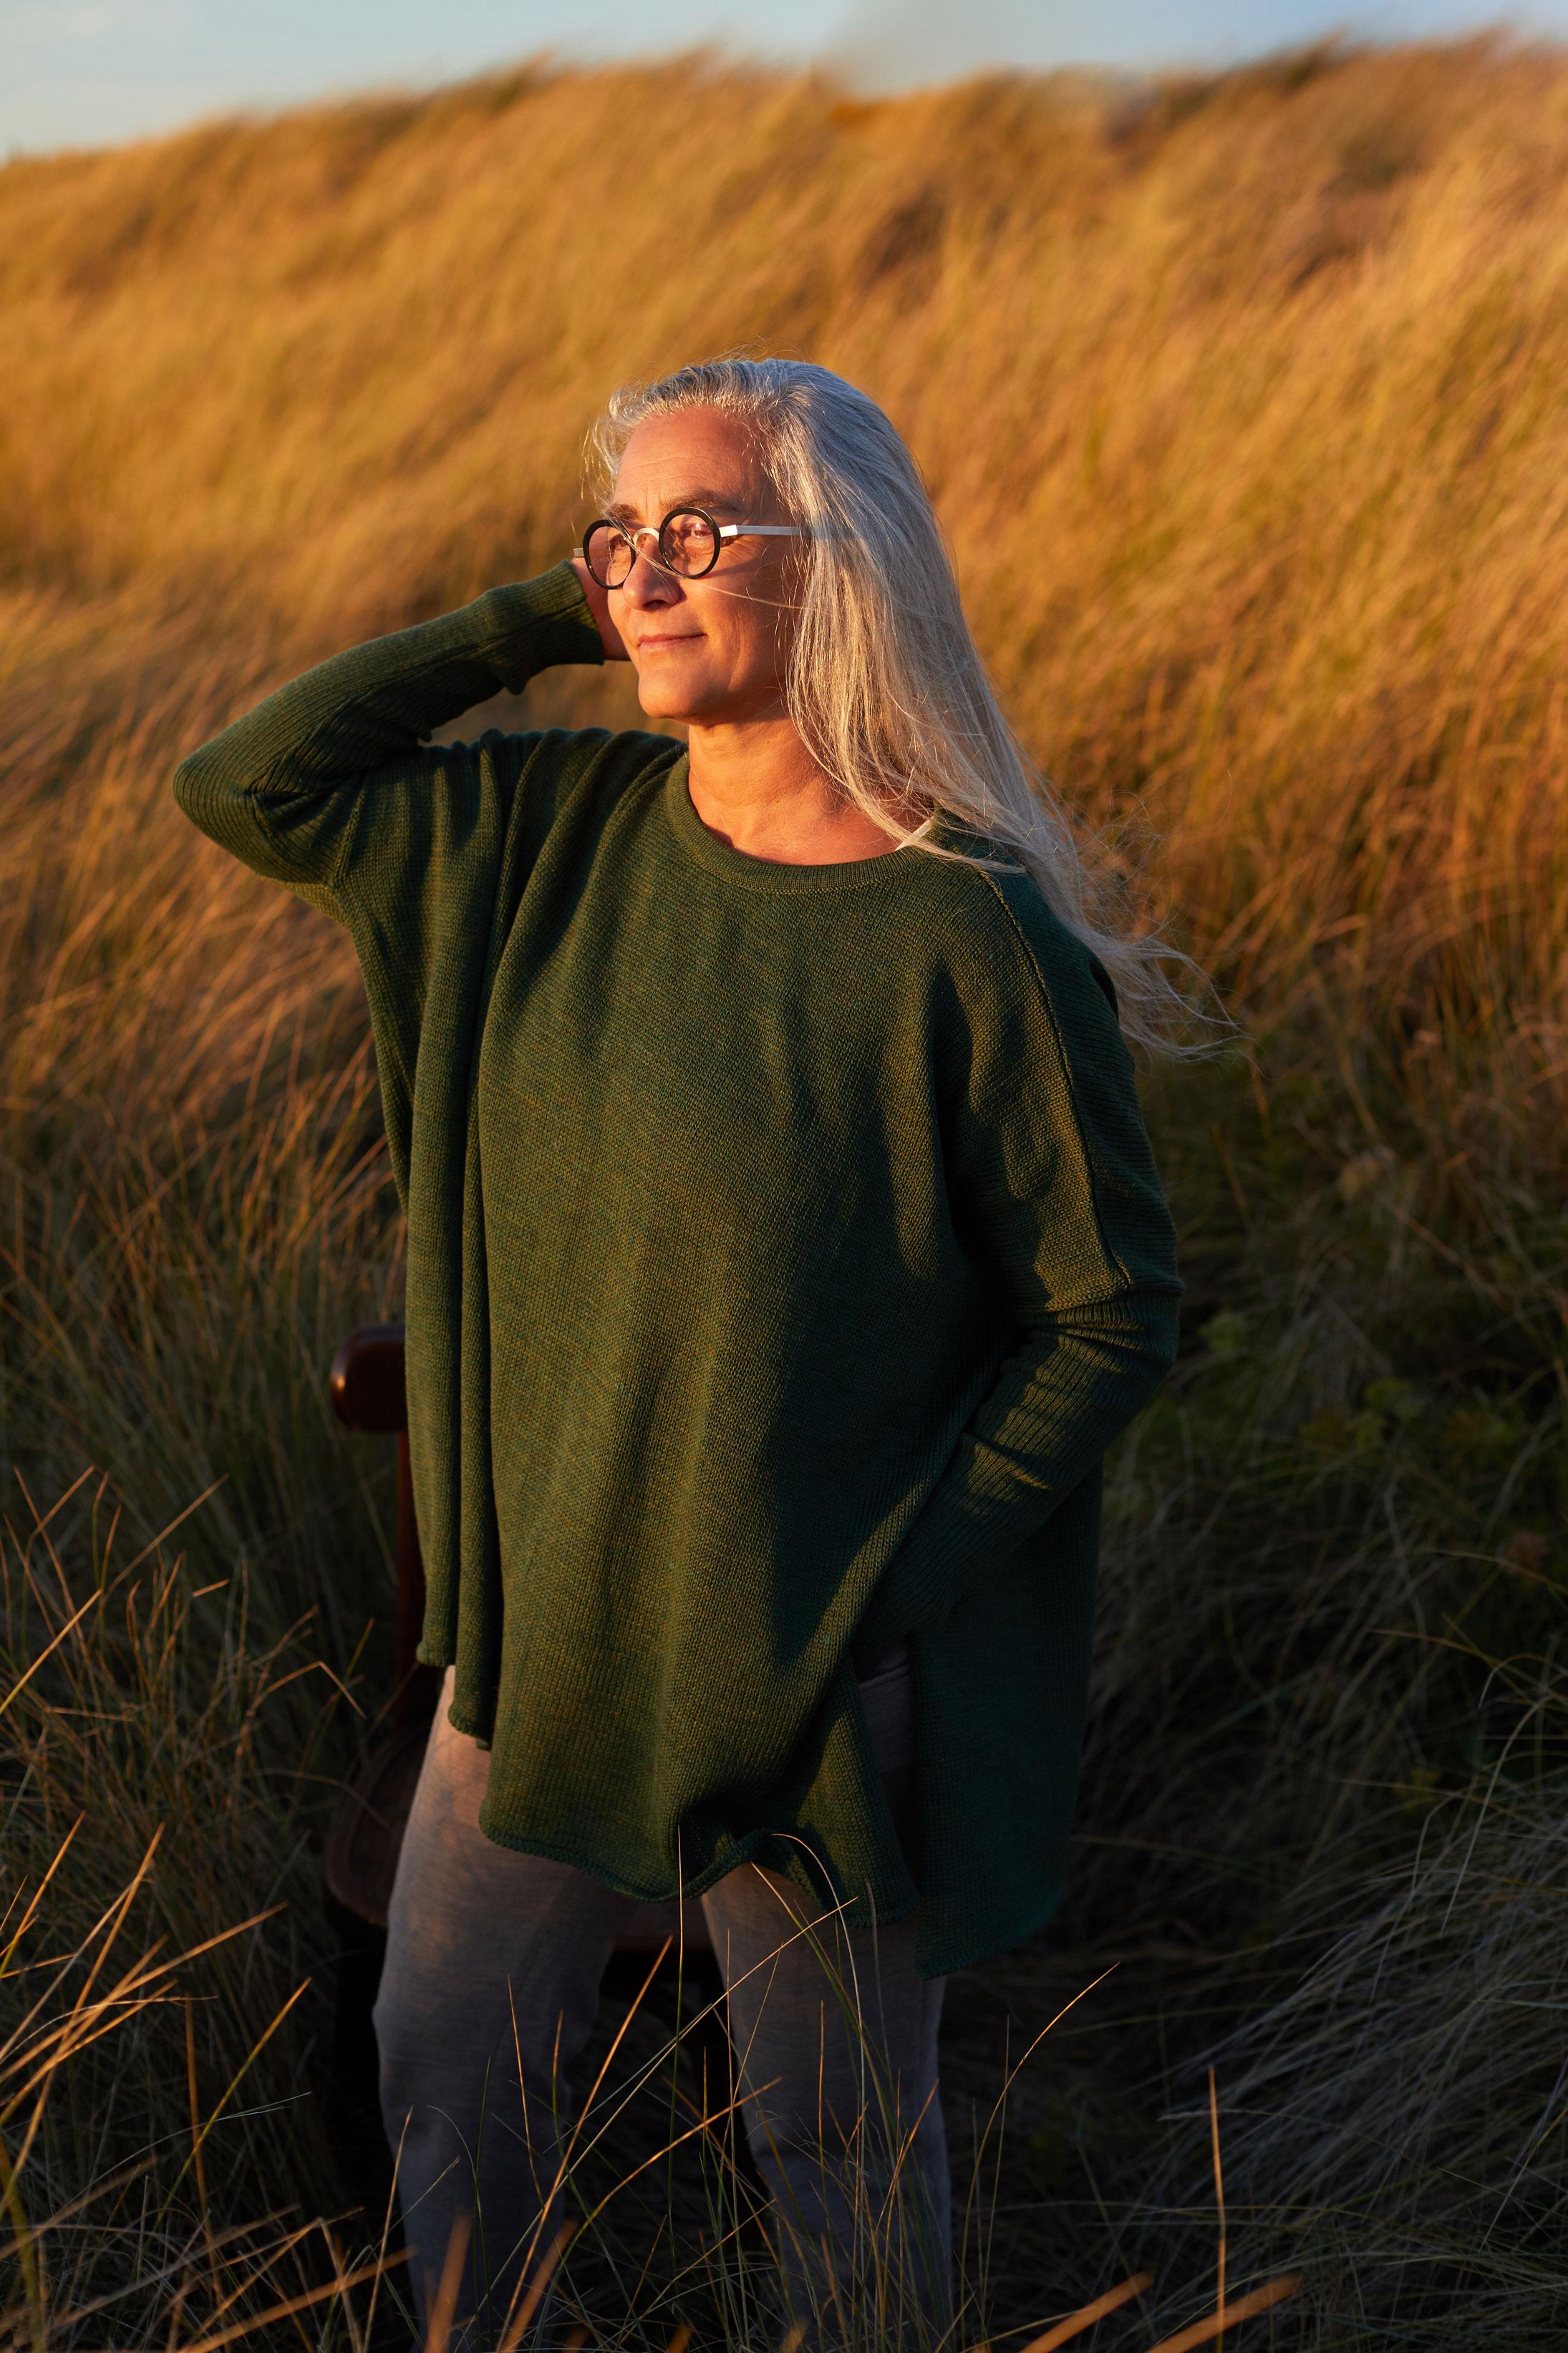 photographe de mode pour campagne publicitaire - production en Bretagne